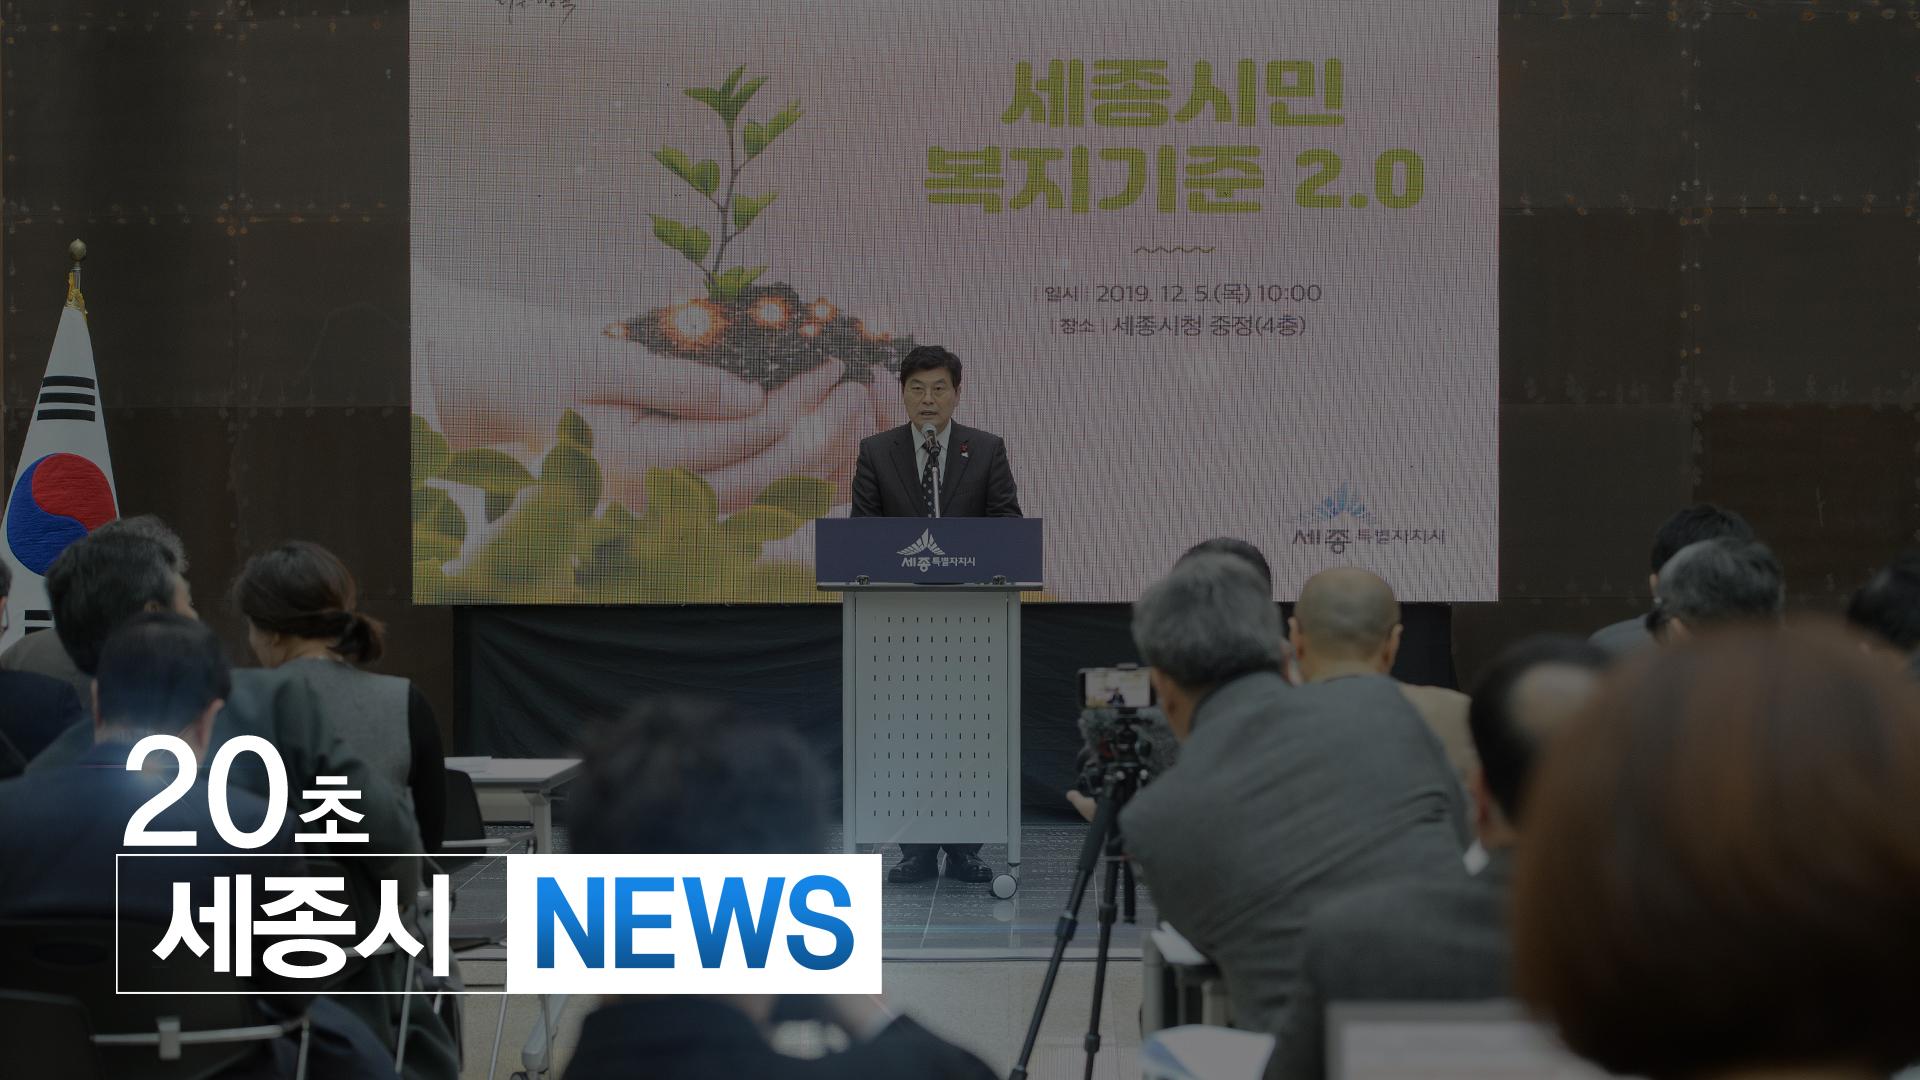 <20초뉴스> 세종시, '세종시민 복지기준 2.0' 발표